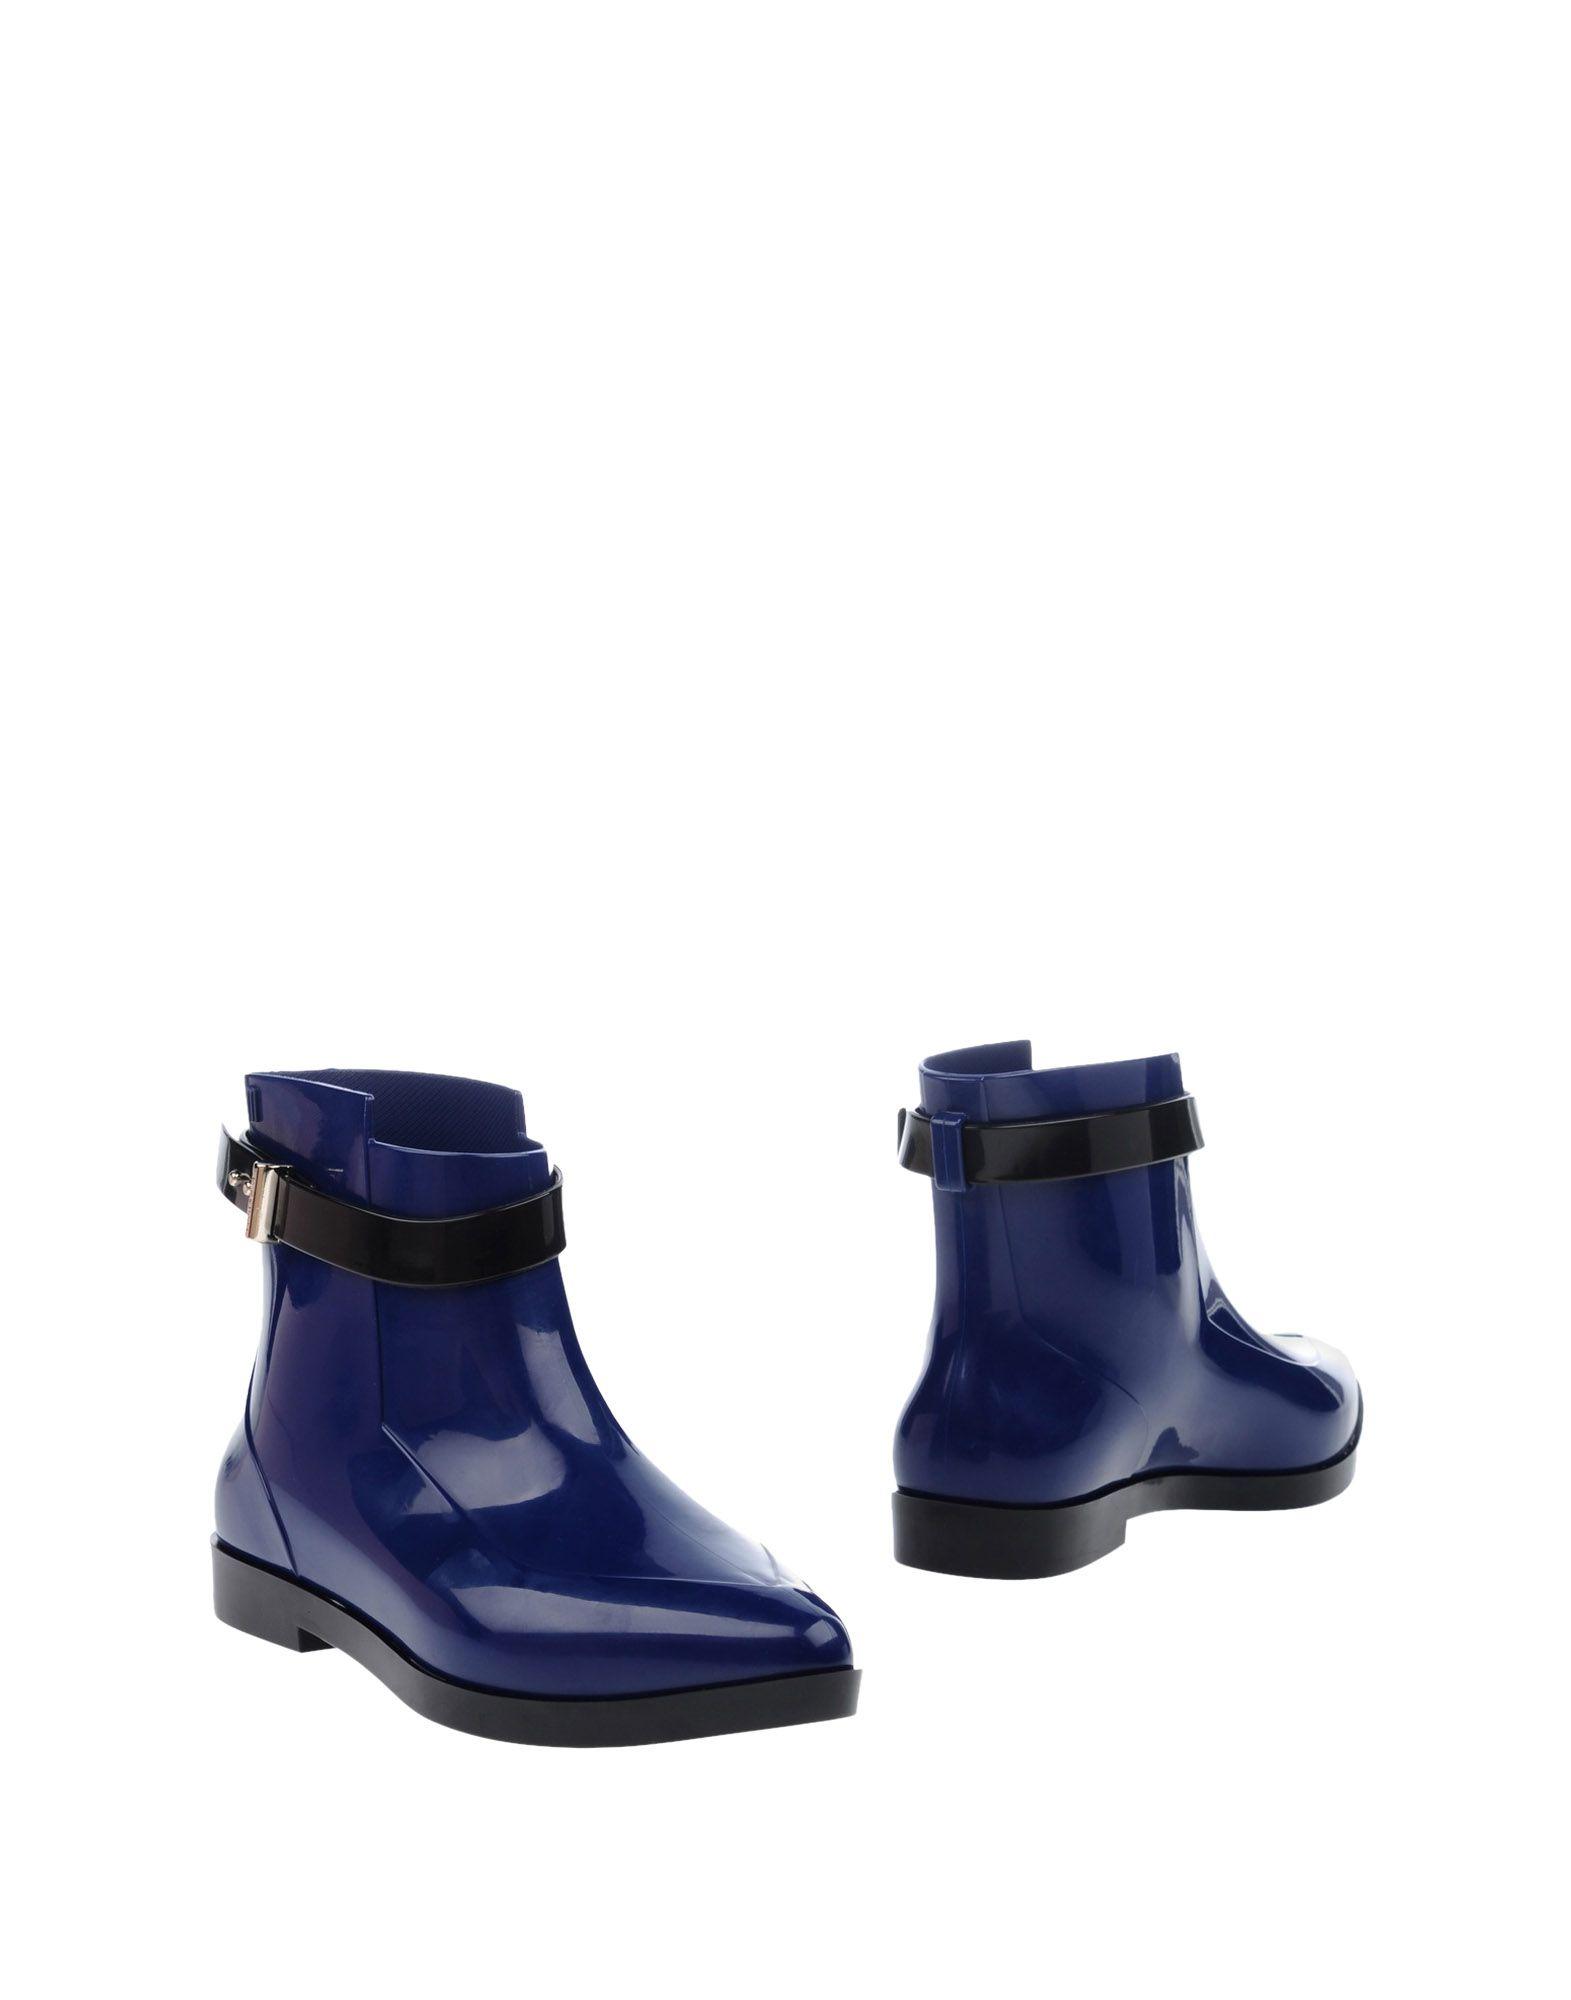 Melissa + Jason Wu Stiefelette Damen  11277486NI Gute Qualität beliebte Schuhe